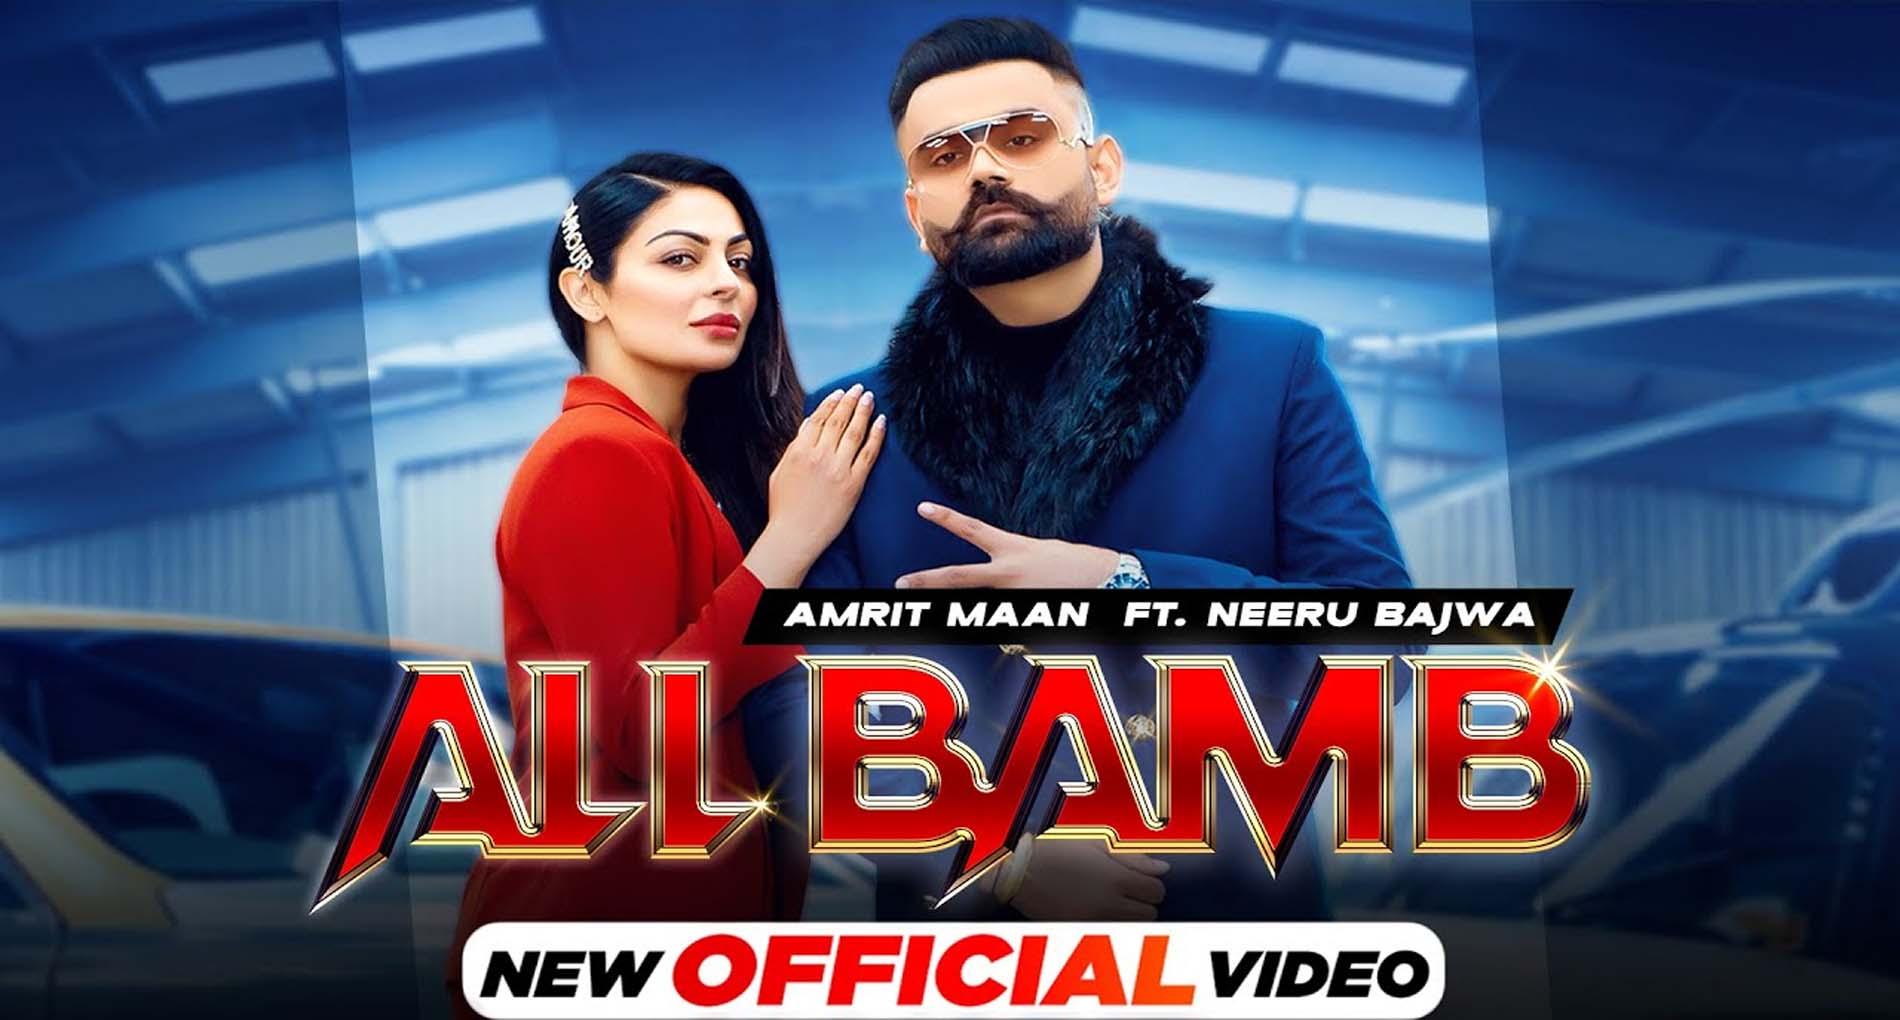 Punjabi Song All Bamb Video: 'ऑल बंम्ब' पंजाबी सॉन्ग रिलीज के साथ हुआ वायरल! देखें वीडियो